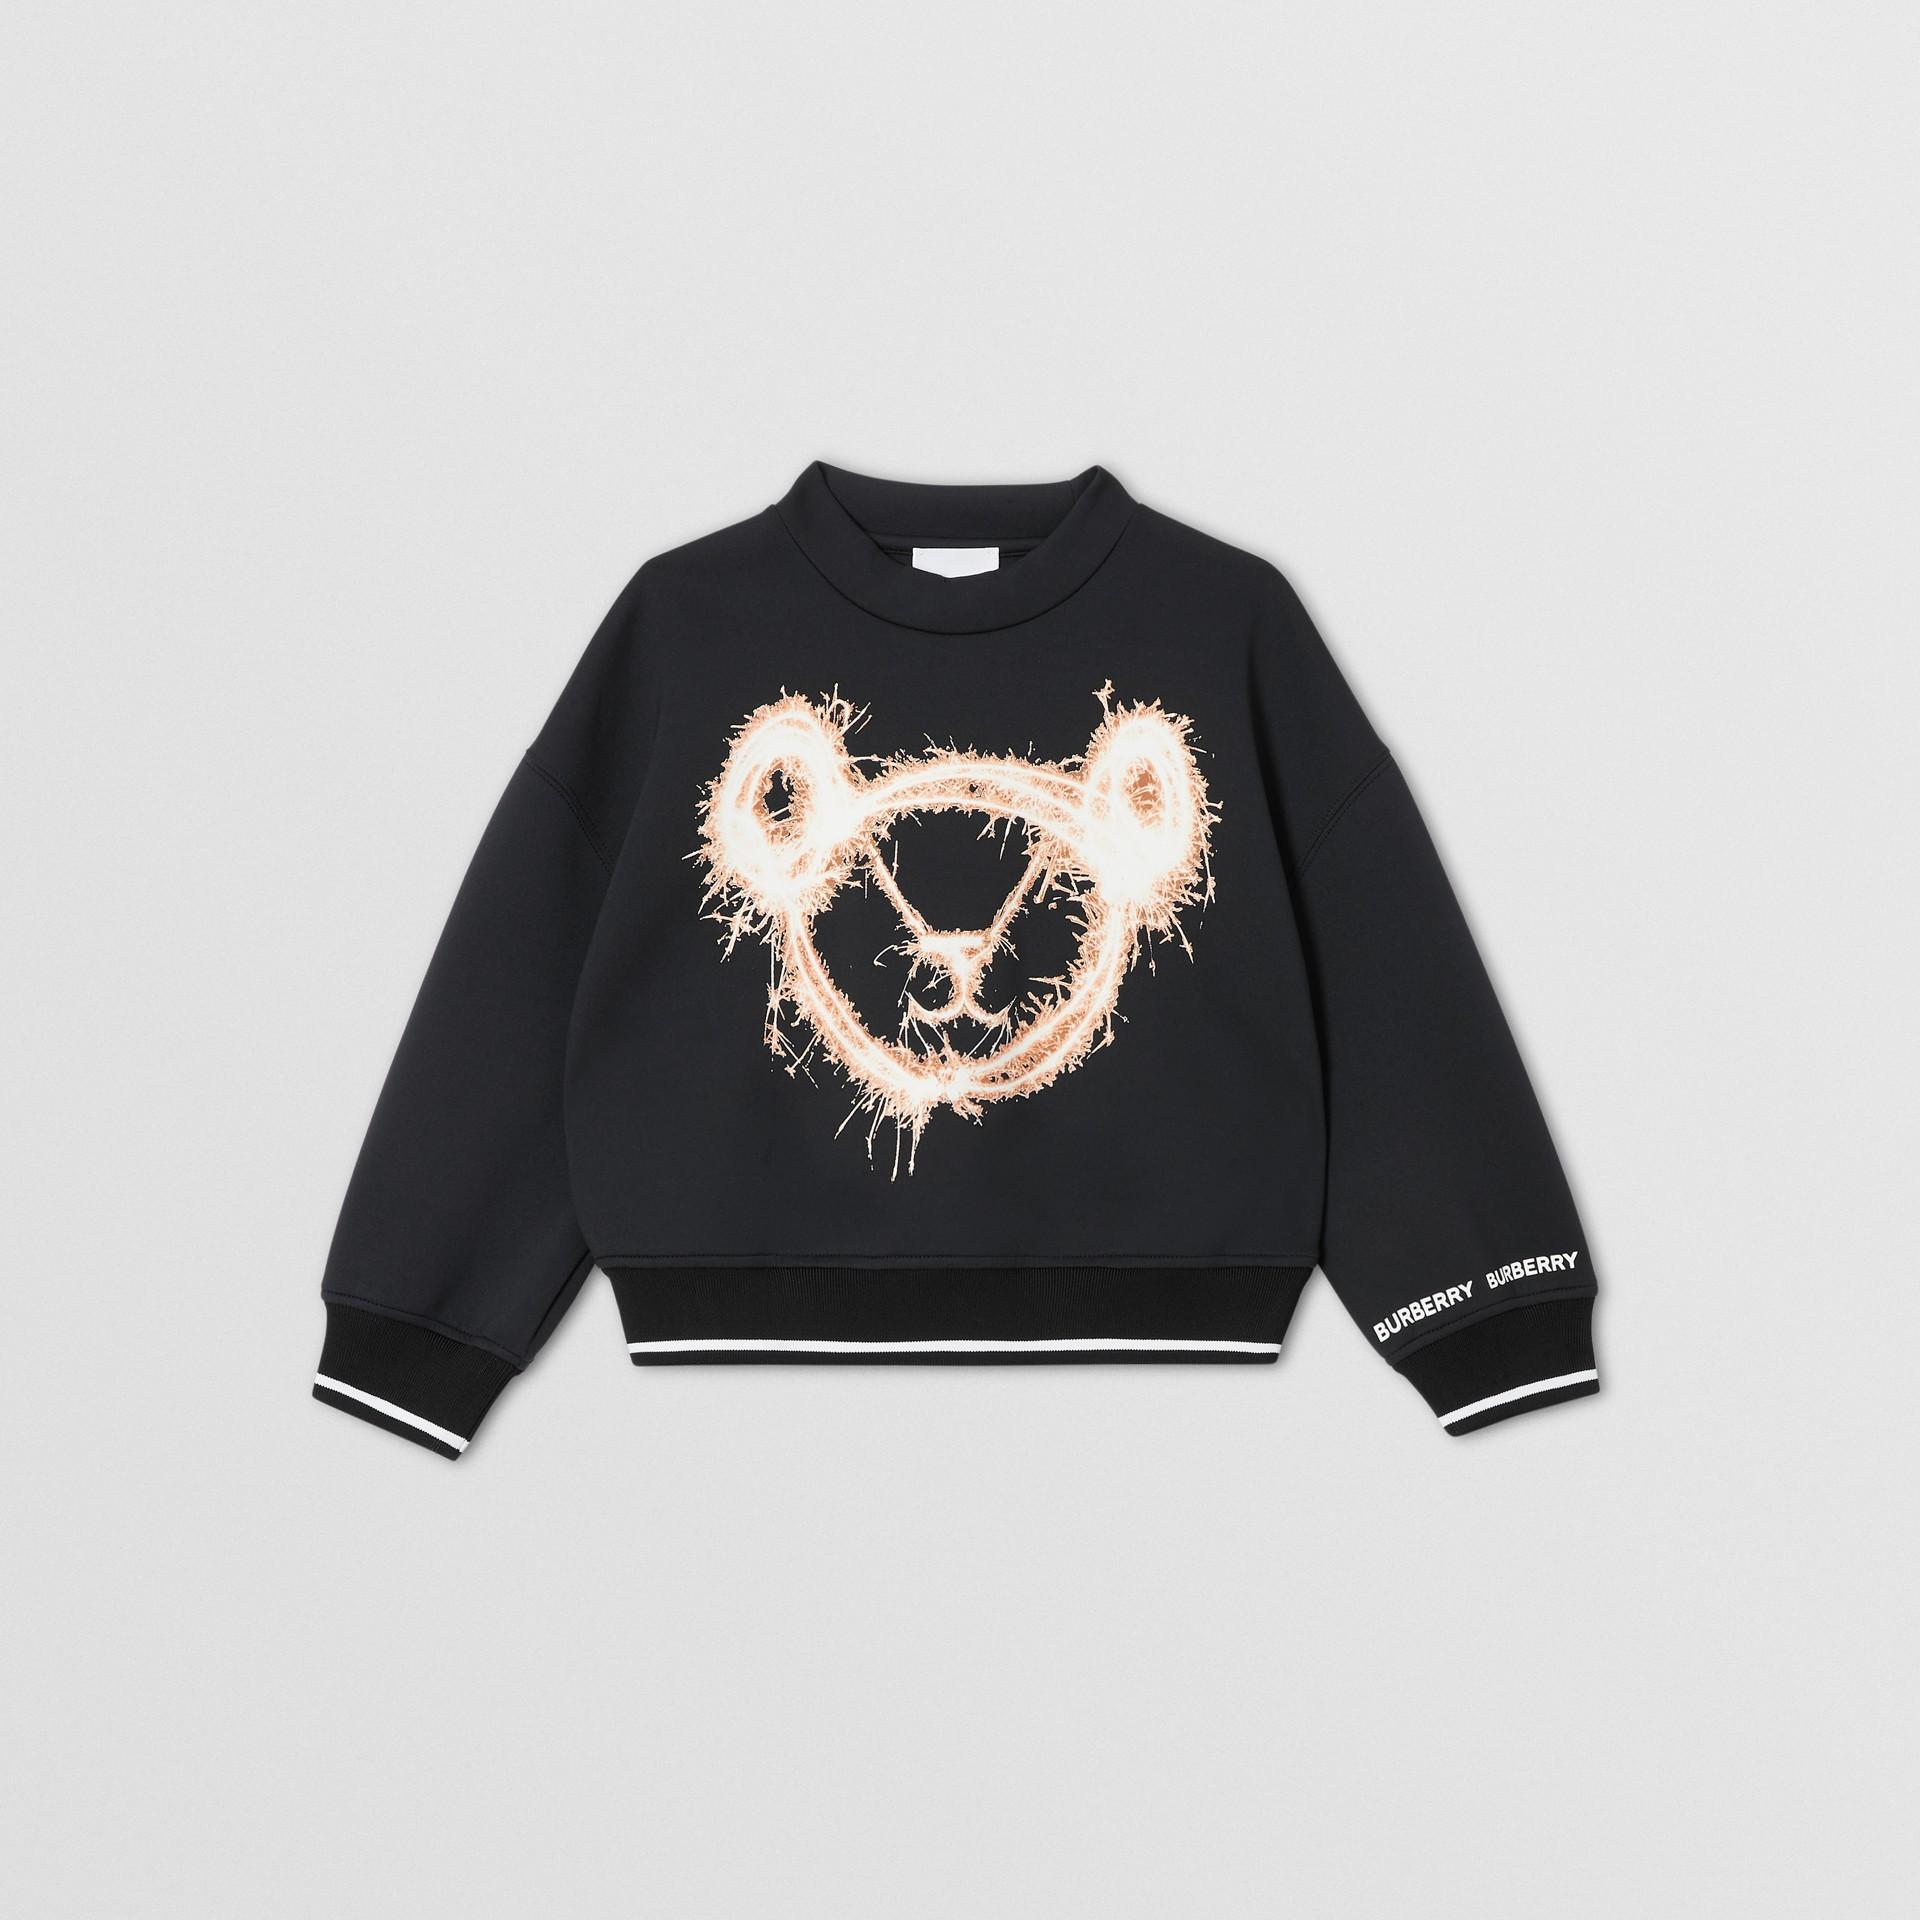 スパークラープリント ネオプレン スウェットシャツ (ブラック) | バーバリー - ギャラリーイメージ 0